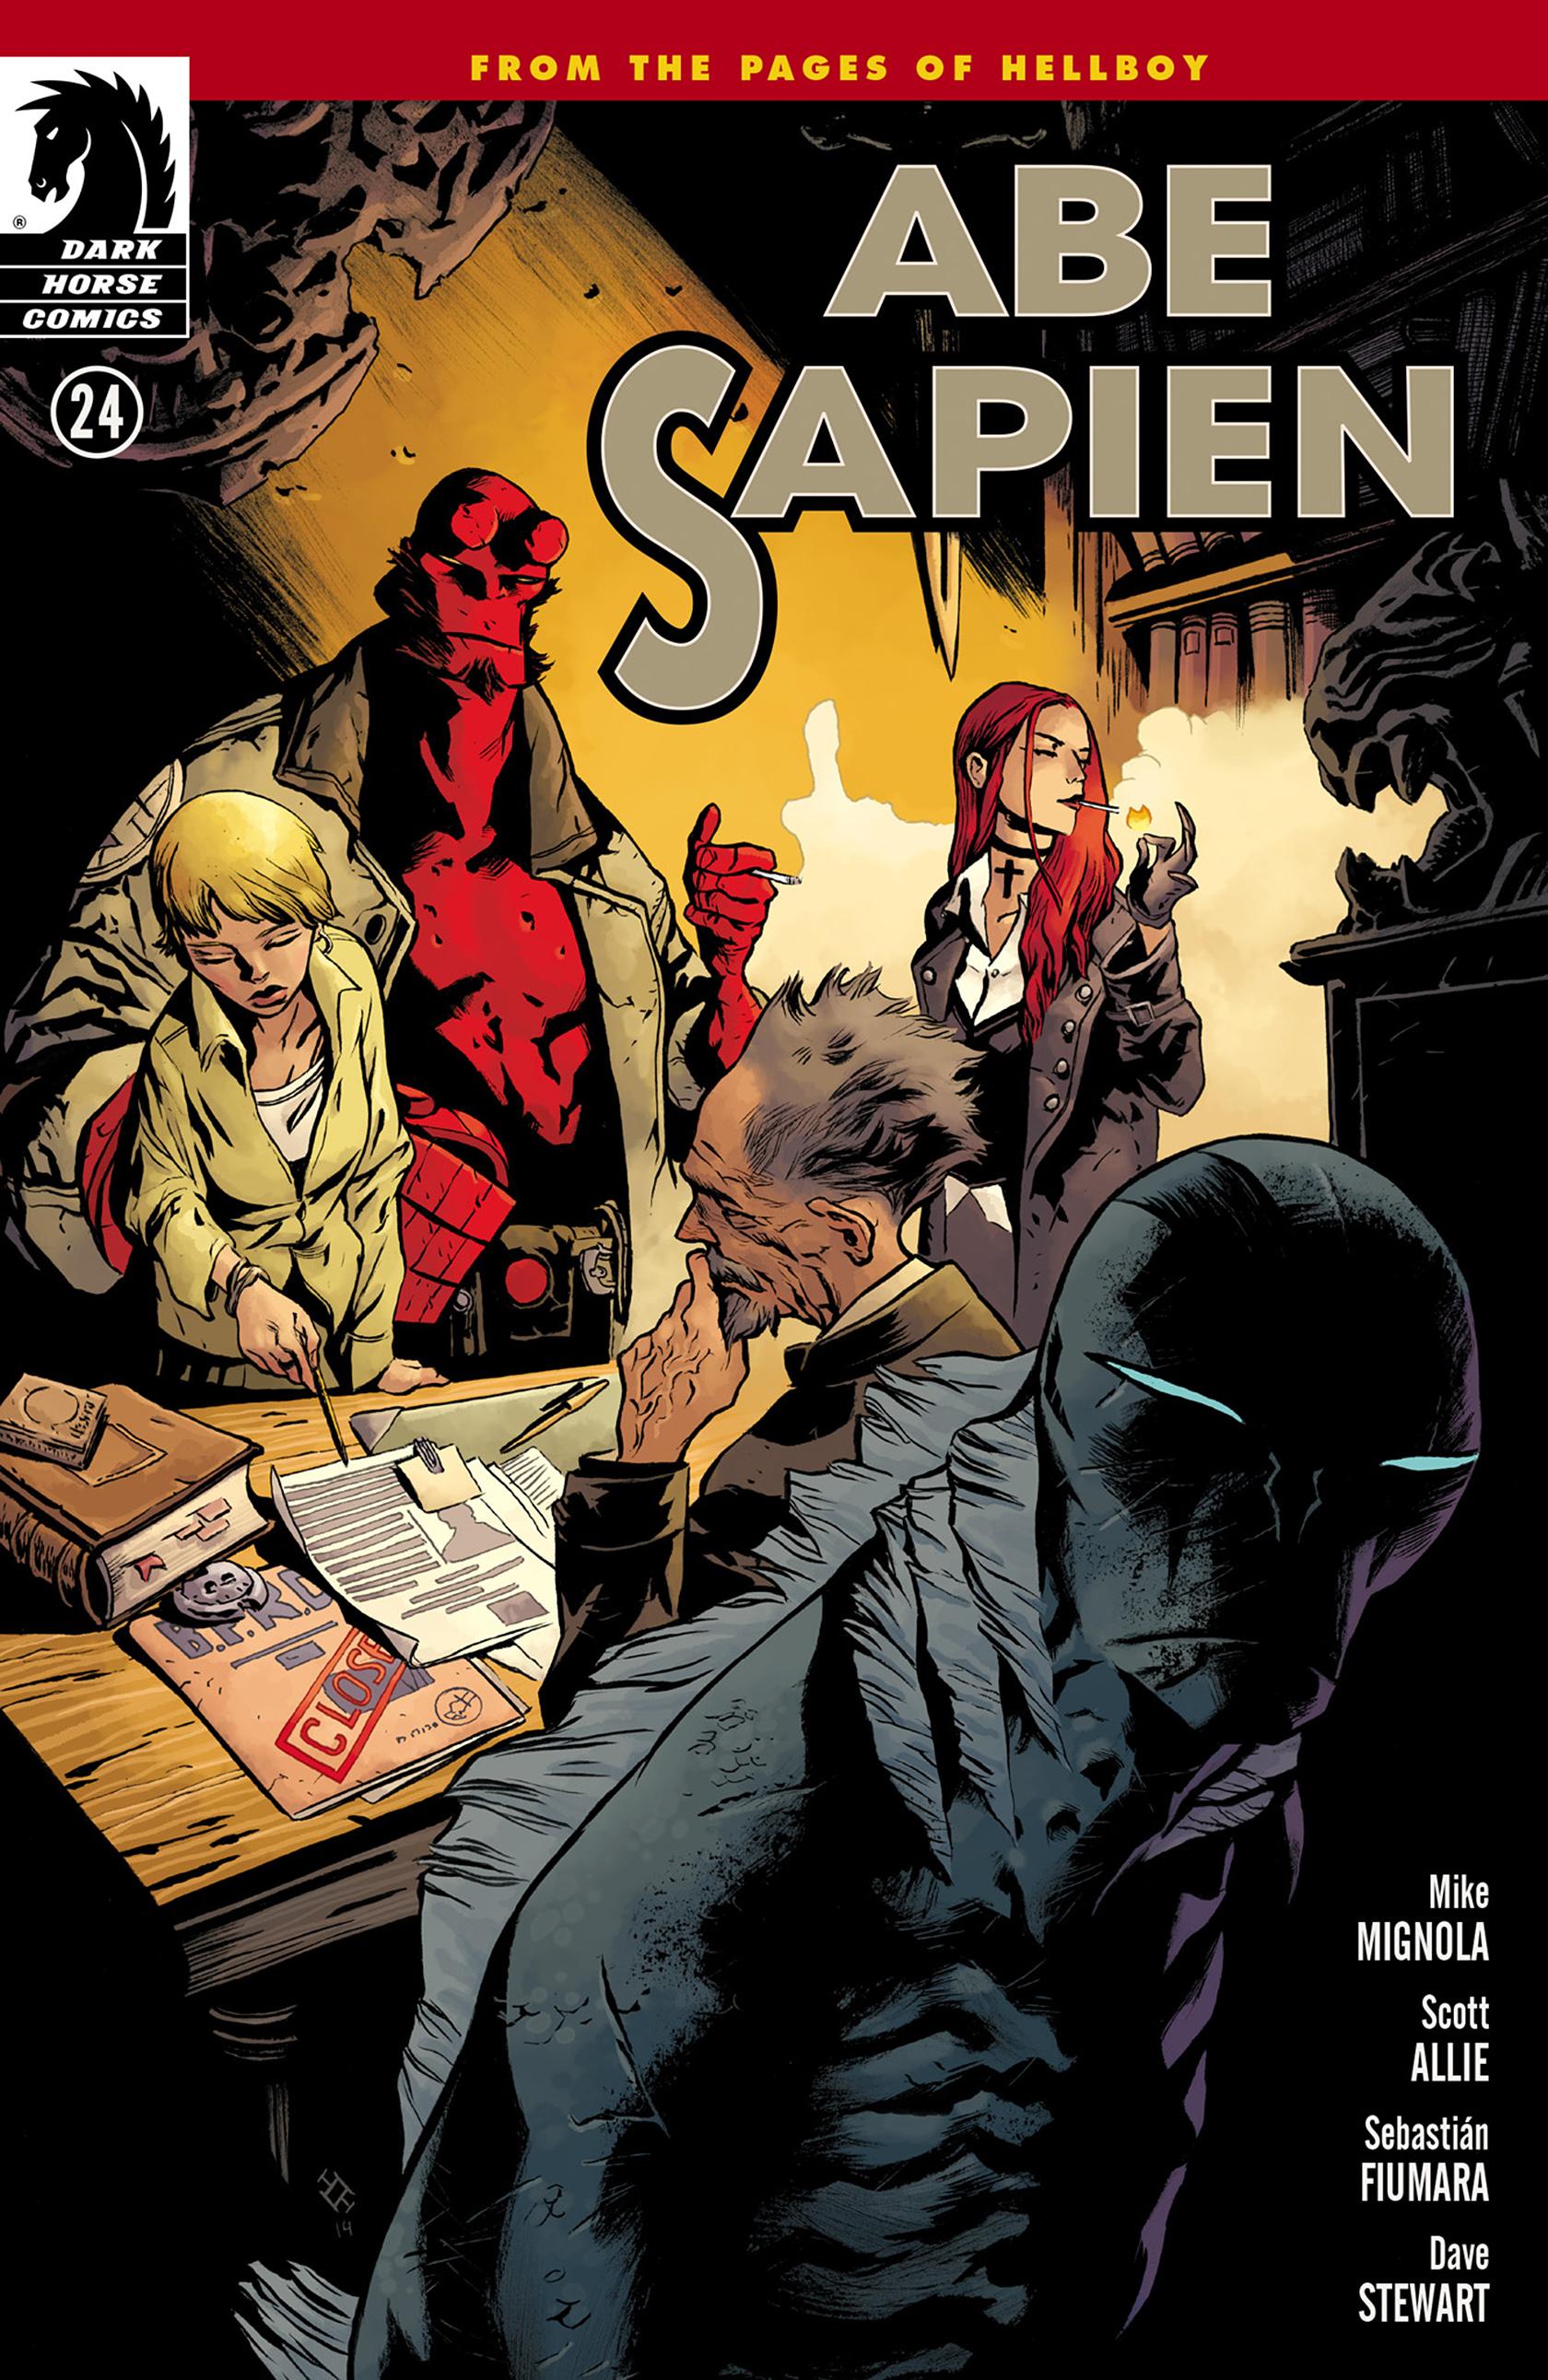 Read online Abe Sapien comic -  Issue #24 - 1